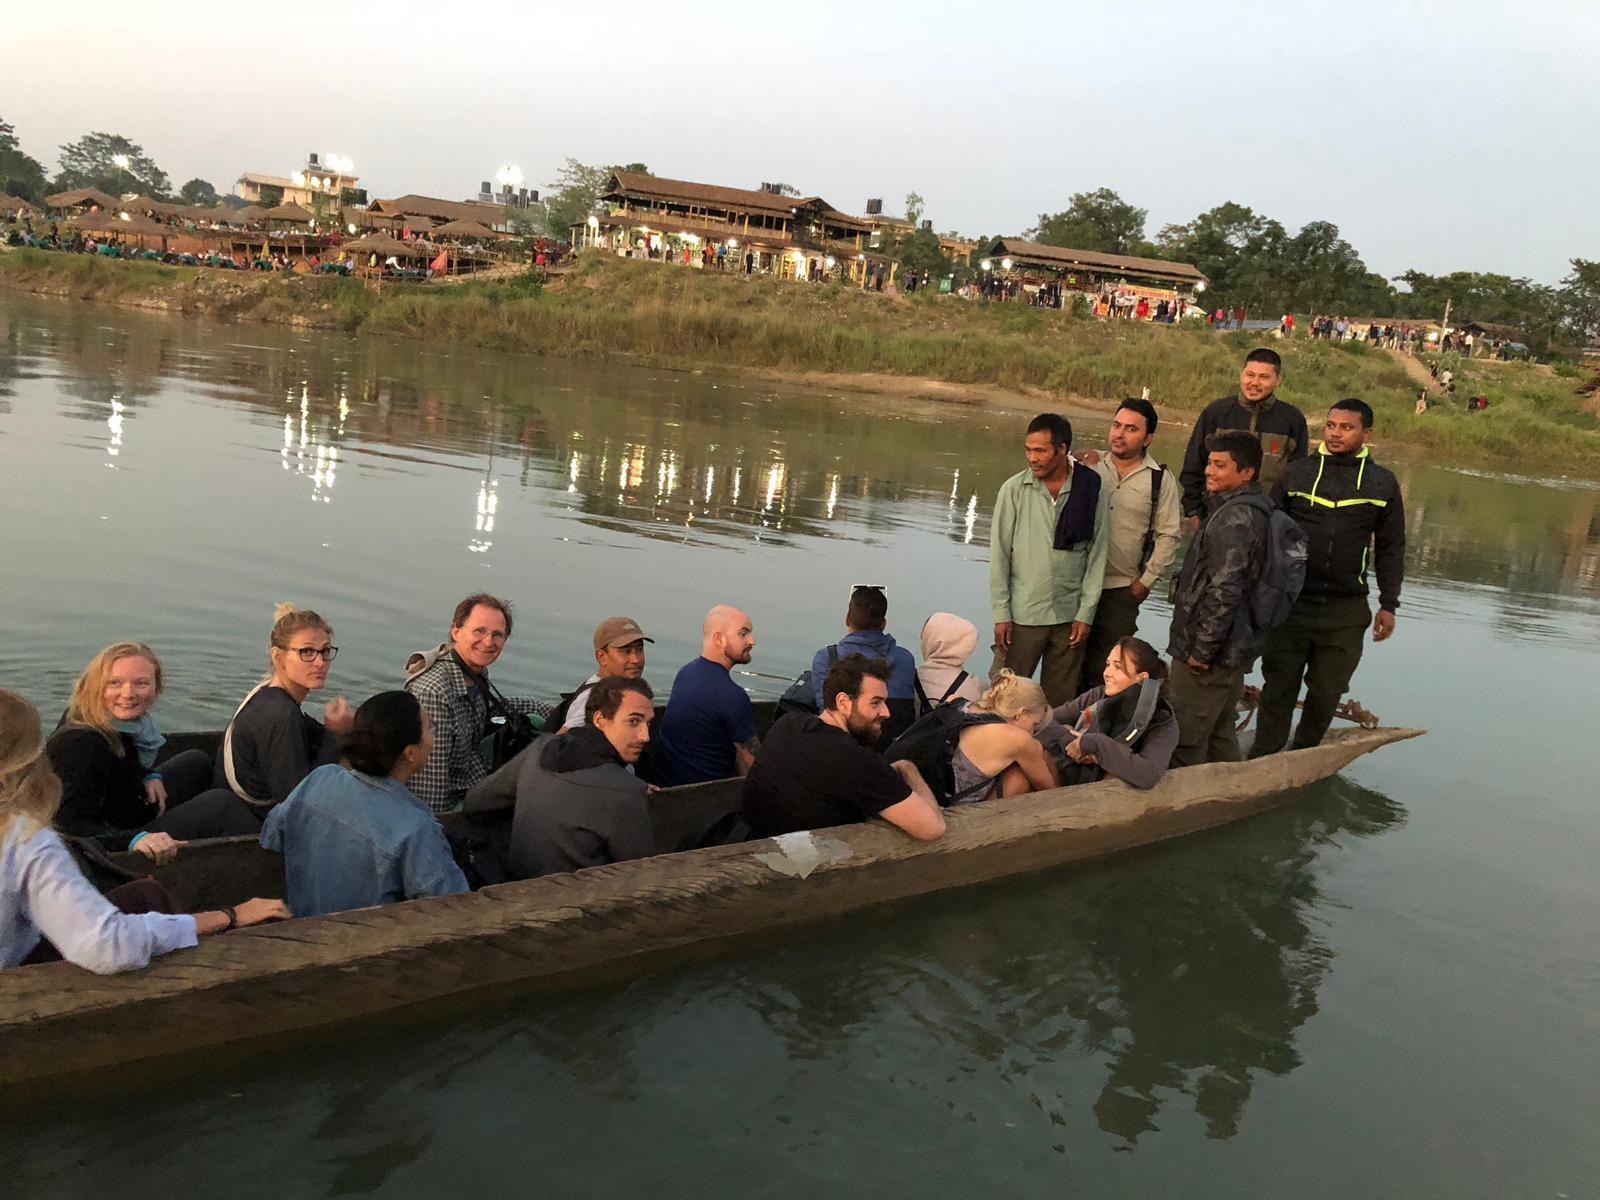 viaggio-in-nepal-9c602a61715823d853e5410